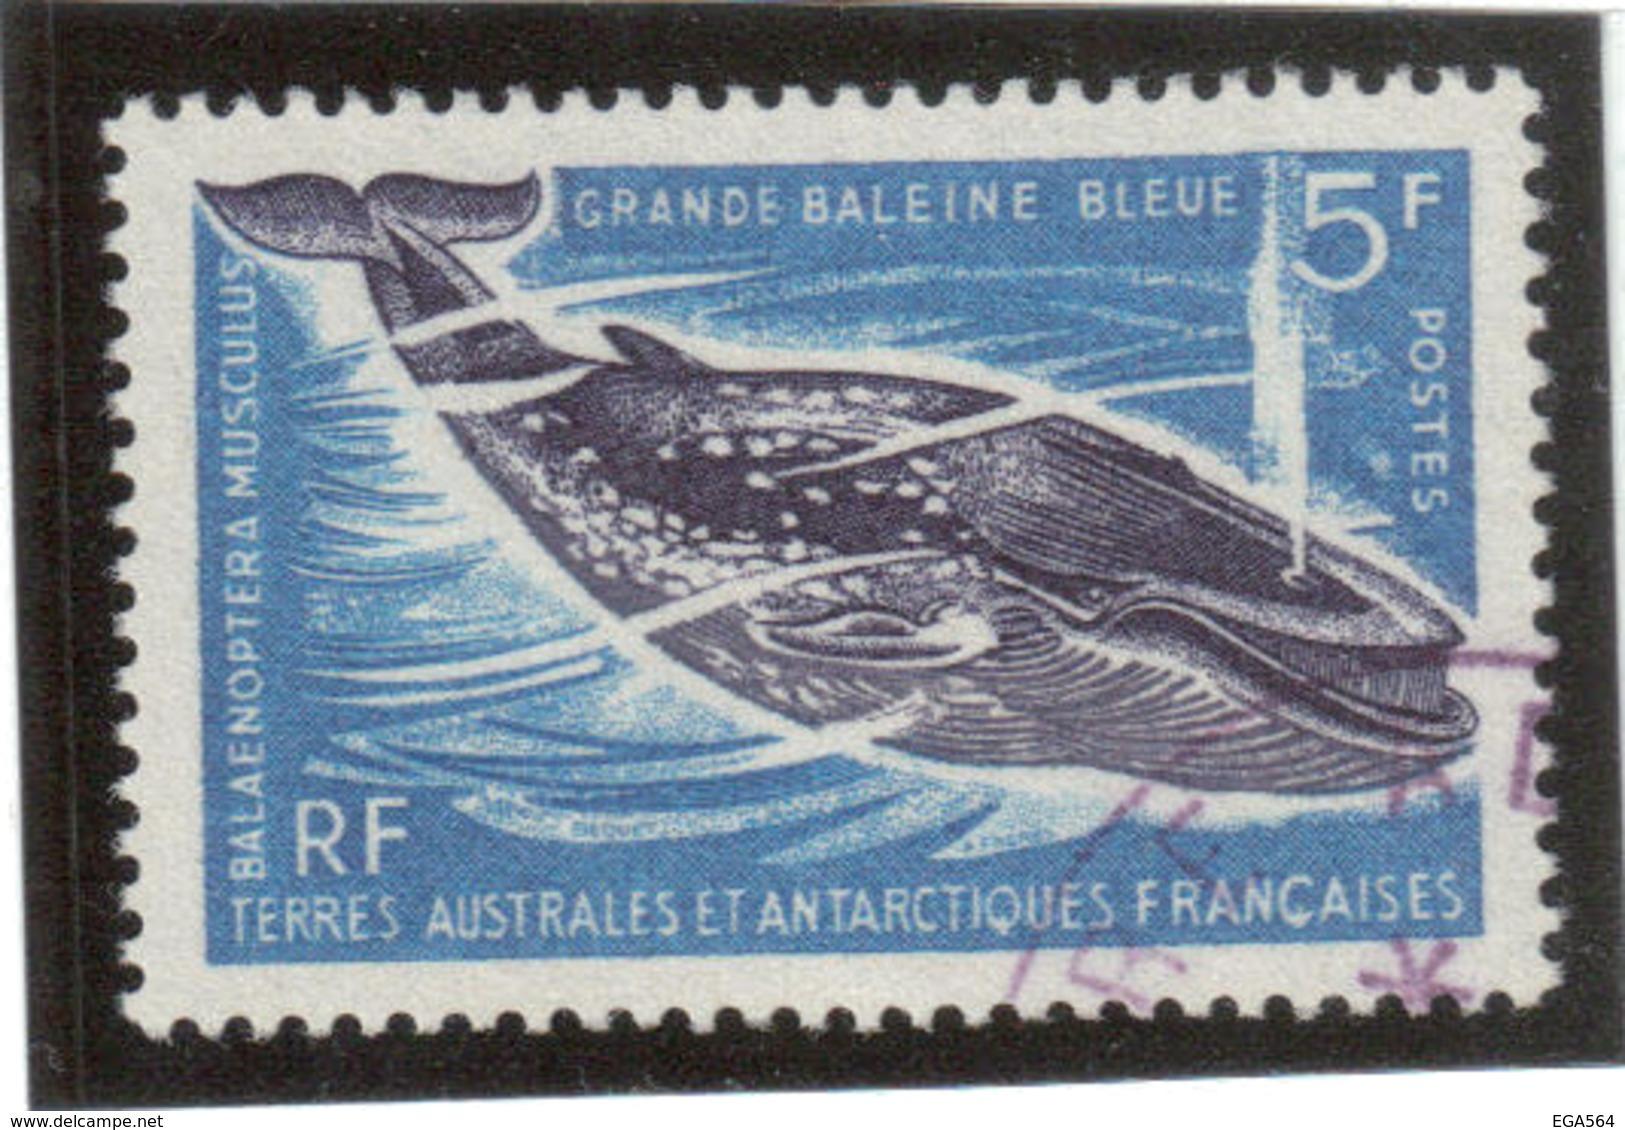 B1 - TAAF PO22 Oblitéré De 1966 - Grande Baleine Bleue - - Terres Australes Et Antarctiques Françaises (TAAF)